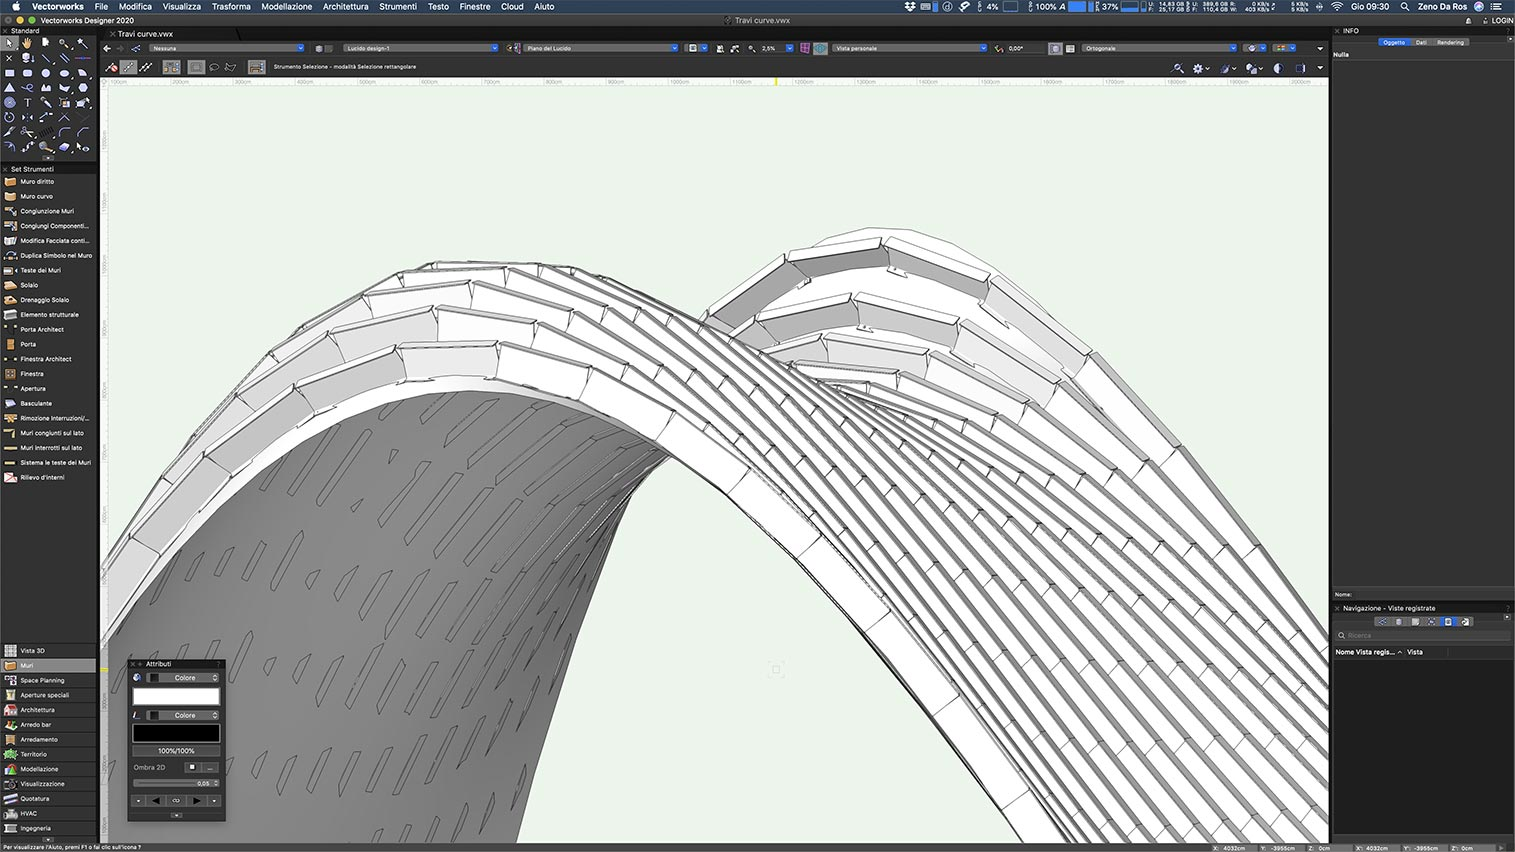 دانلود نرم افزار VectorWorks